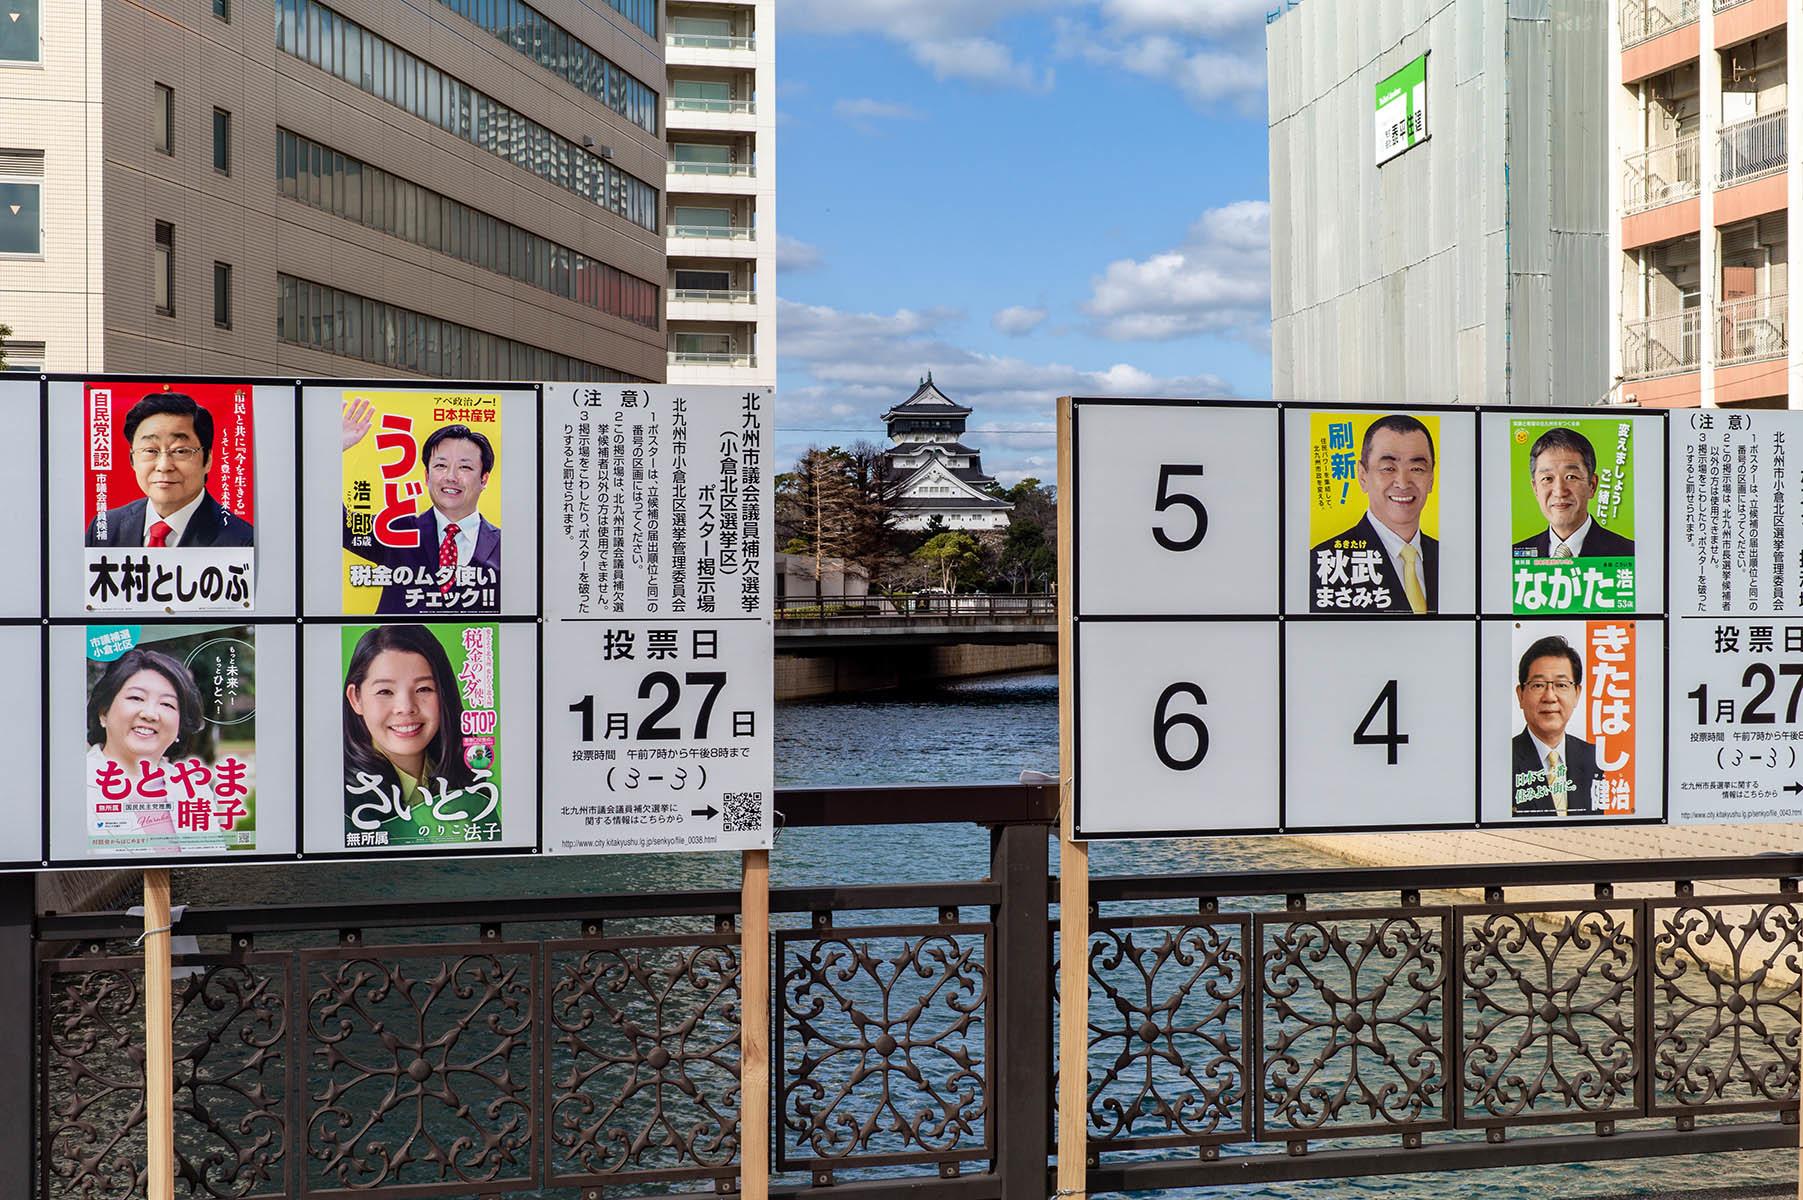 北九州市長選挙+市議会議員補欠選挙_c0028861_19512750.jpg